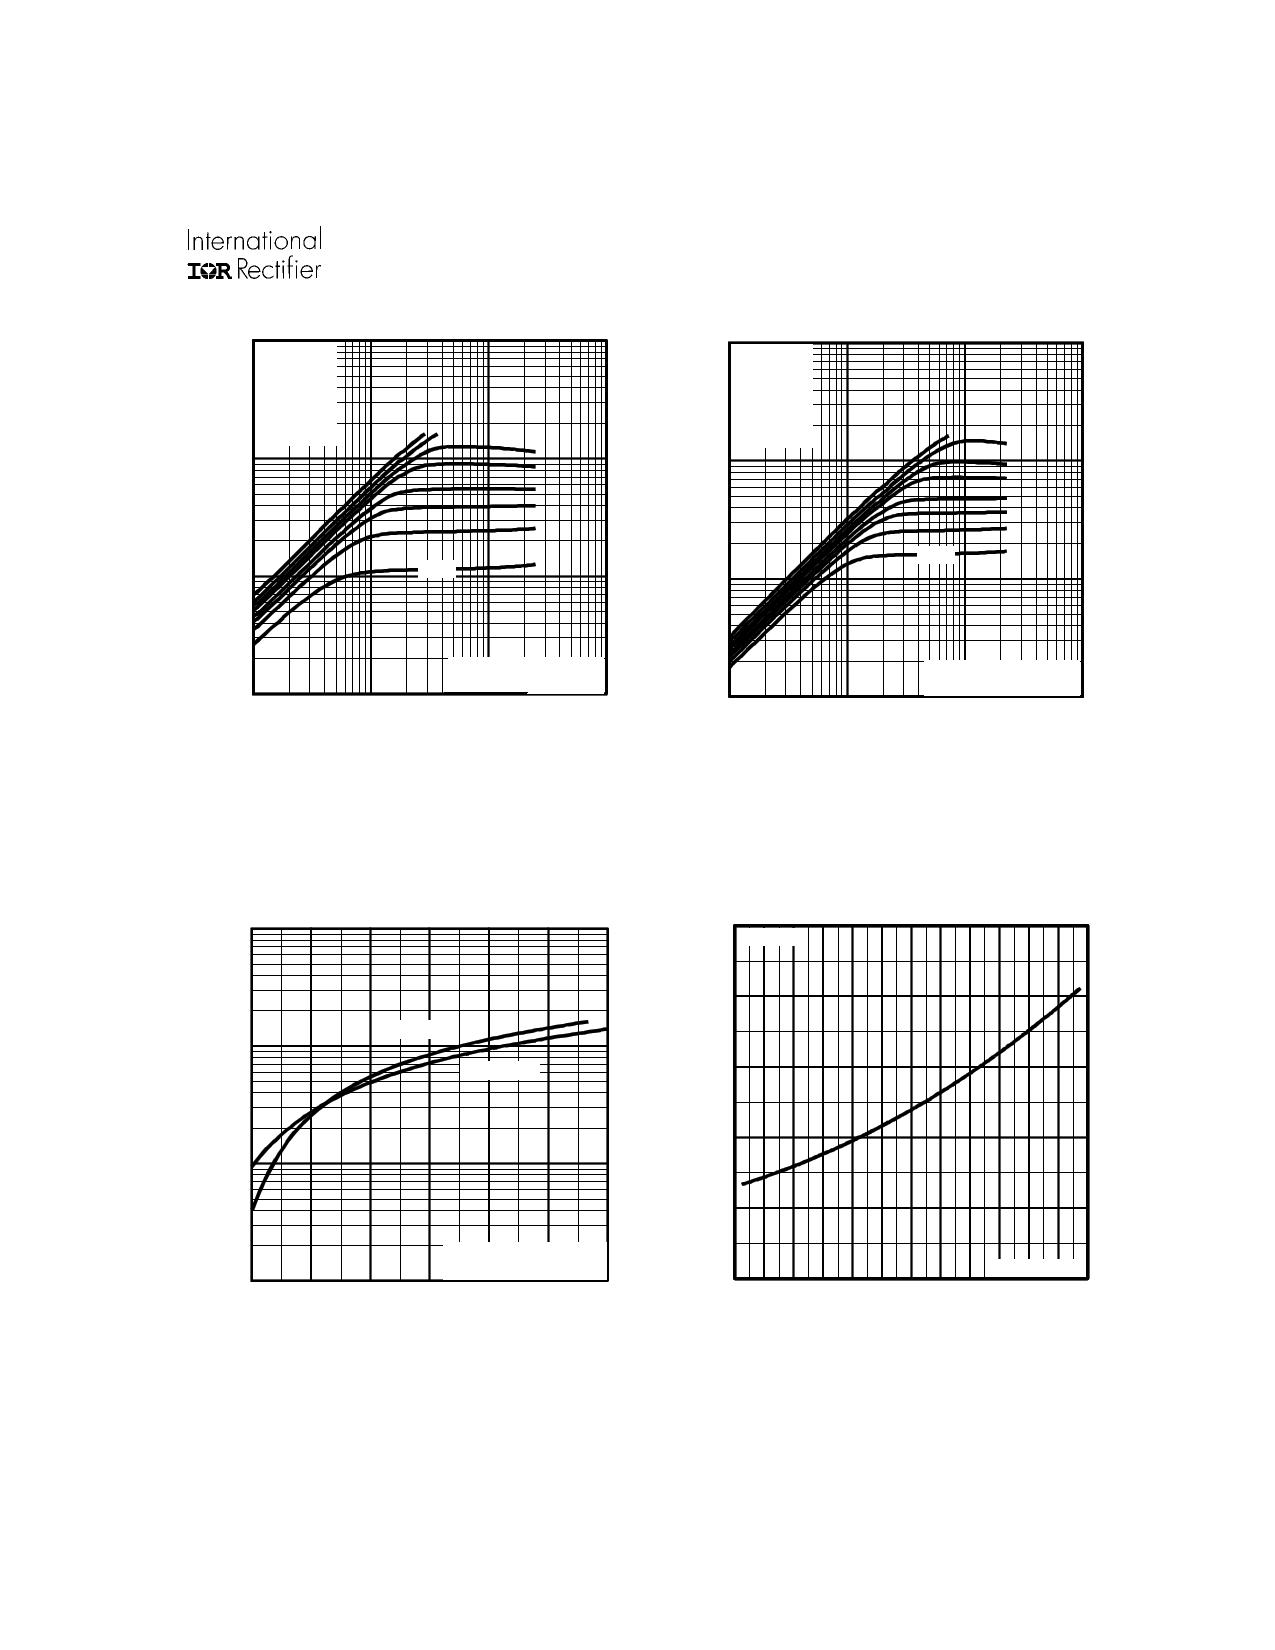 IRFZ44NL pdf, ピン配列